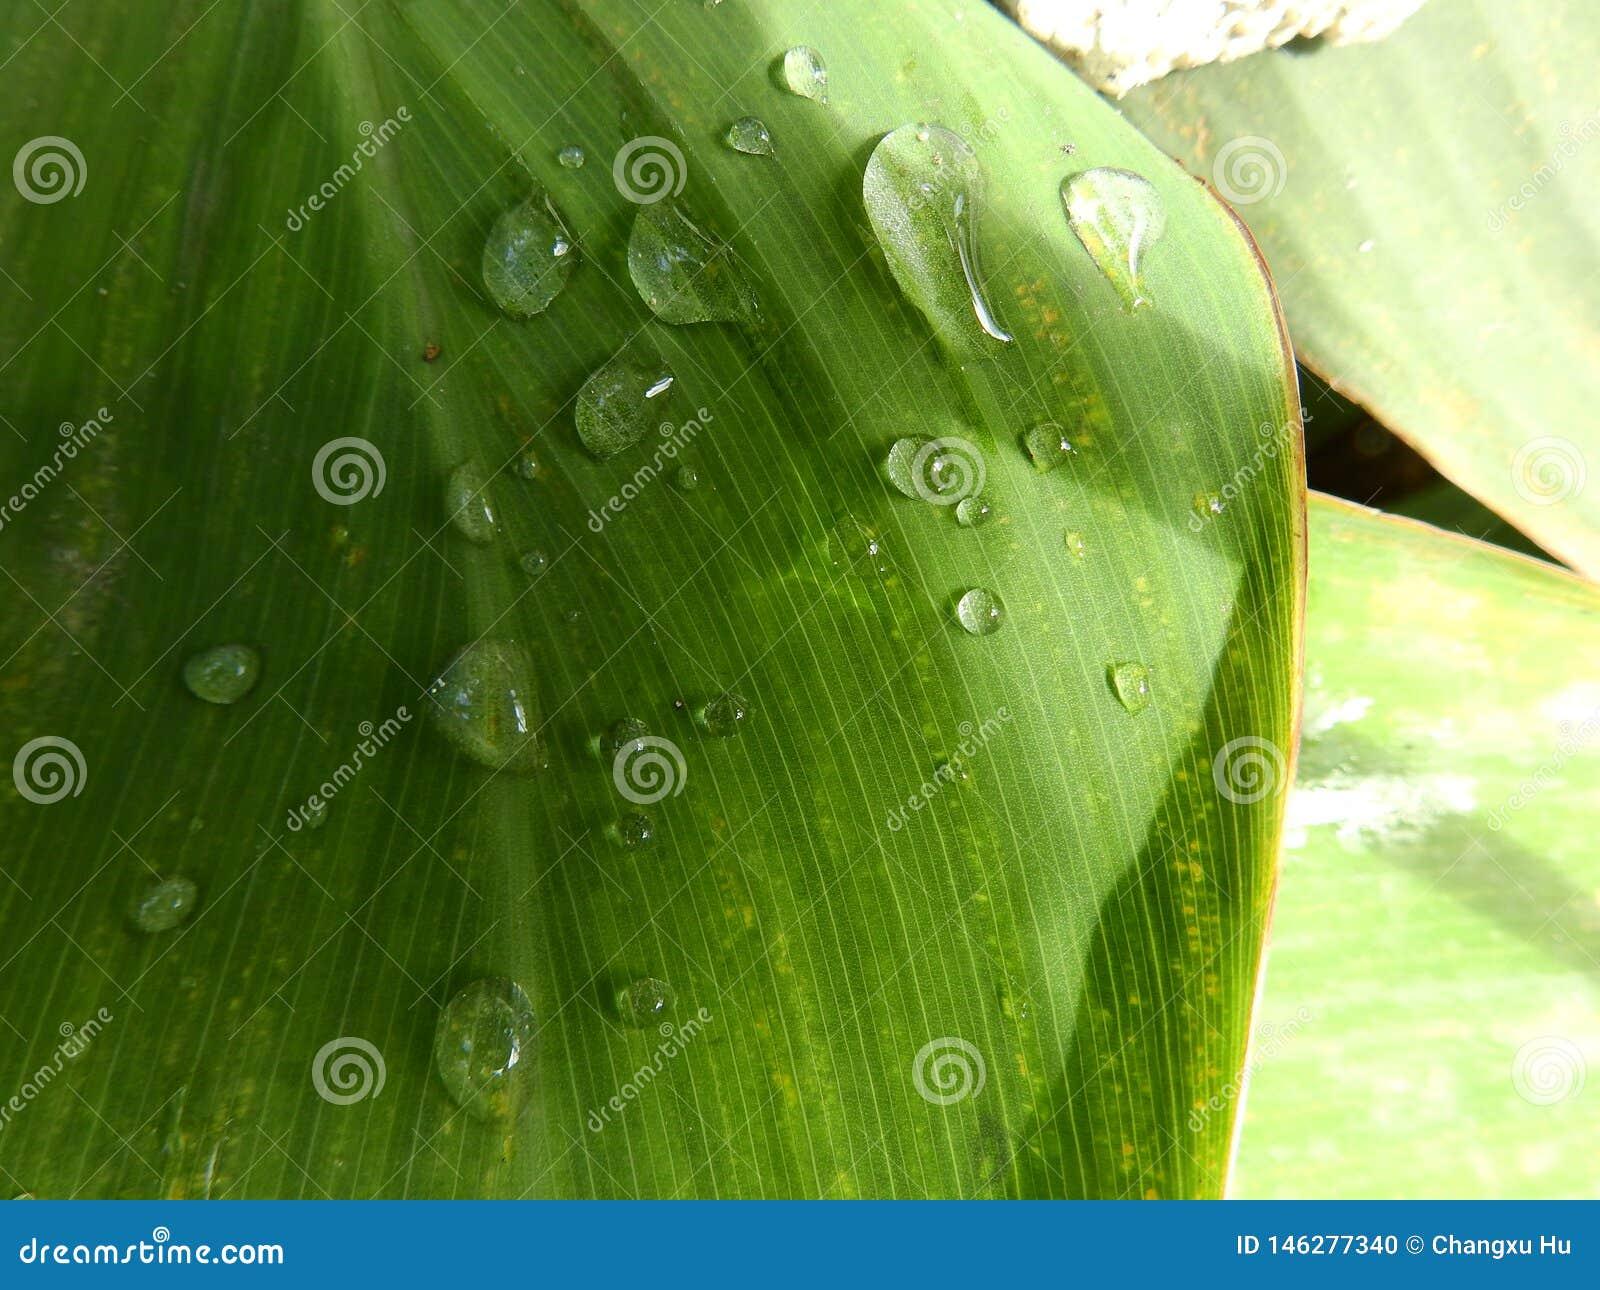 Kanna liścia wody Dropsï ¼ Œgreen liścia rosy roślina